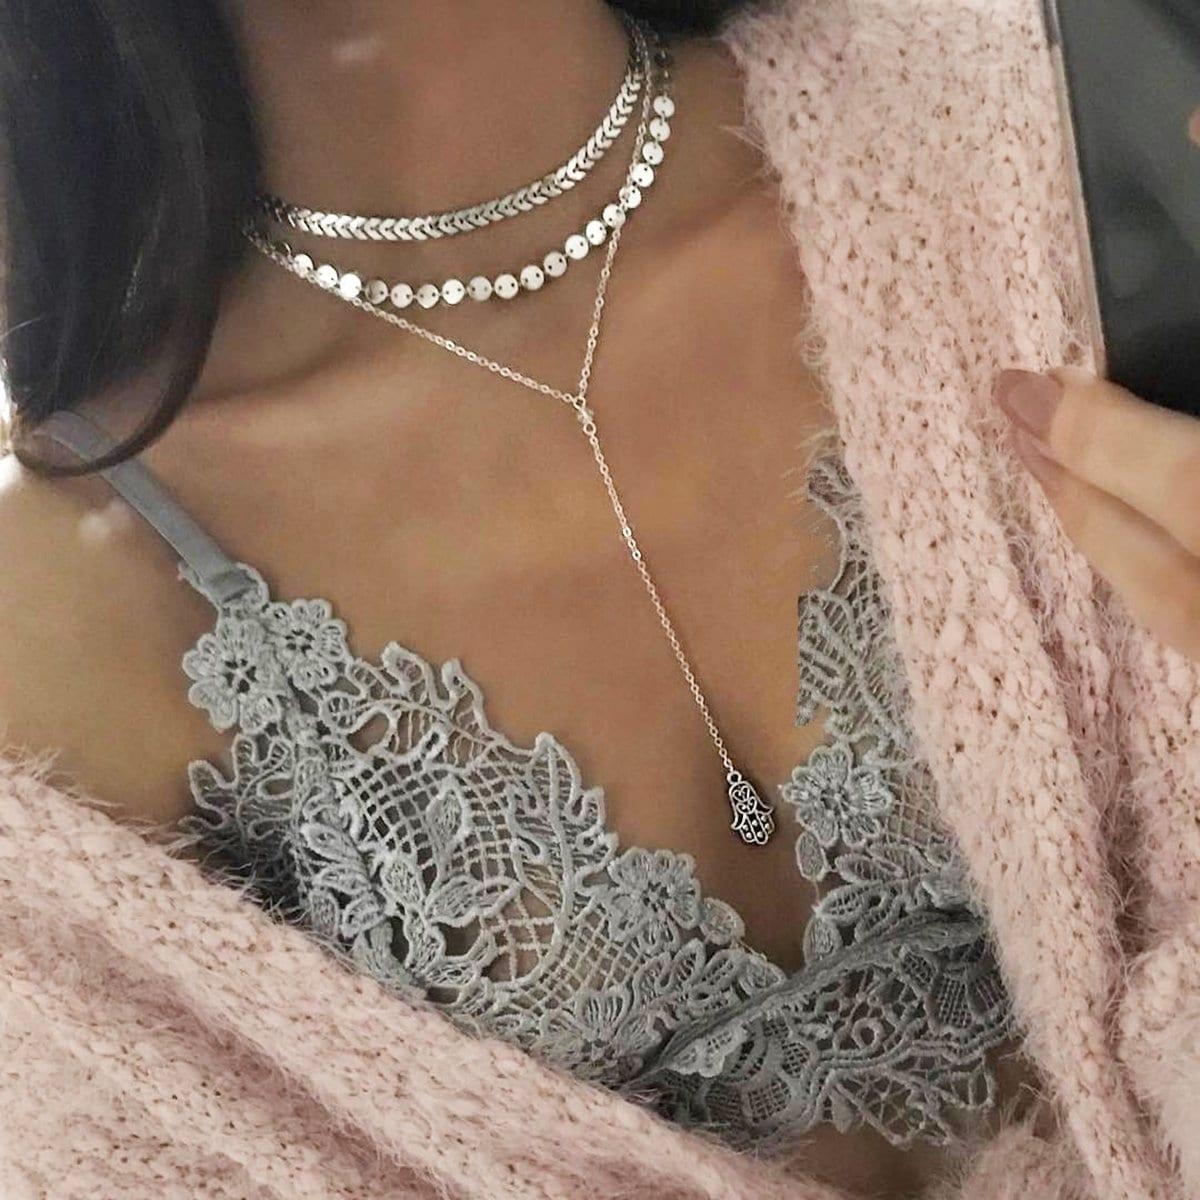 SHEIN / Halsband Set mit Scheibe und Pfeil 2pcs